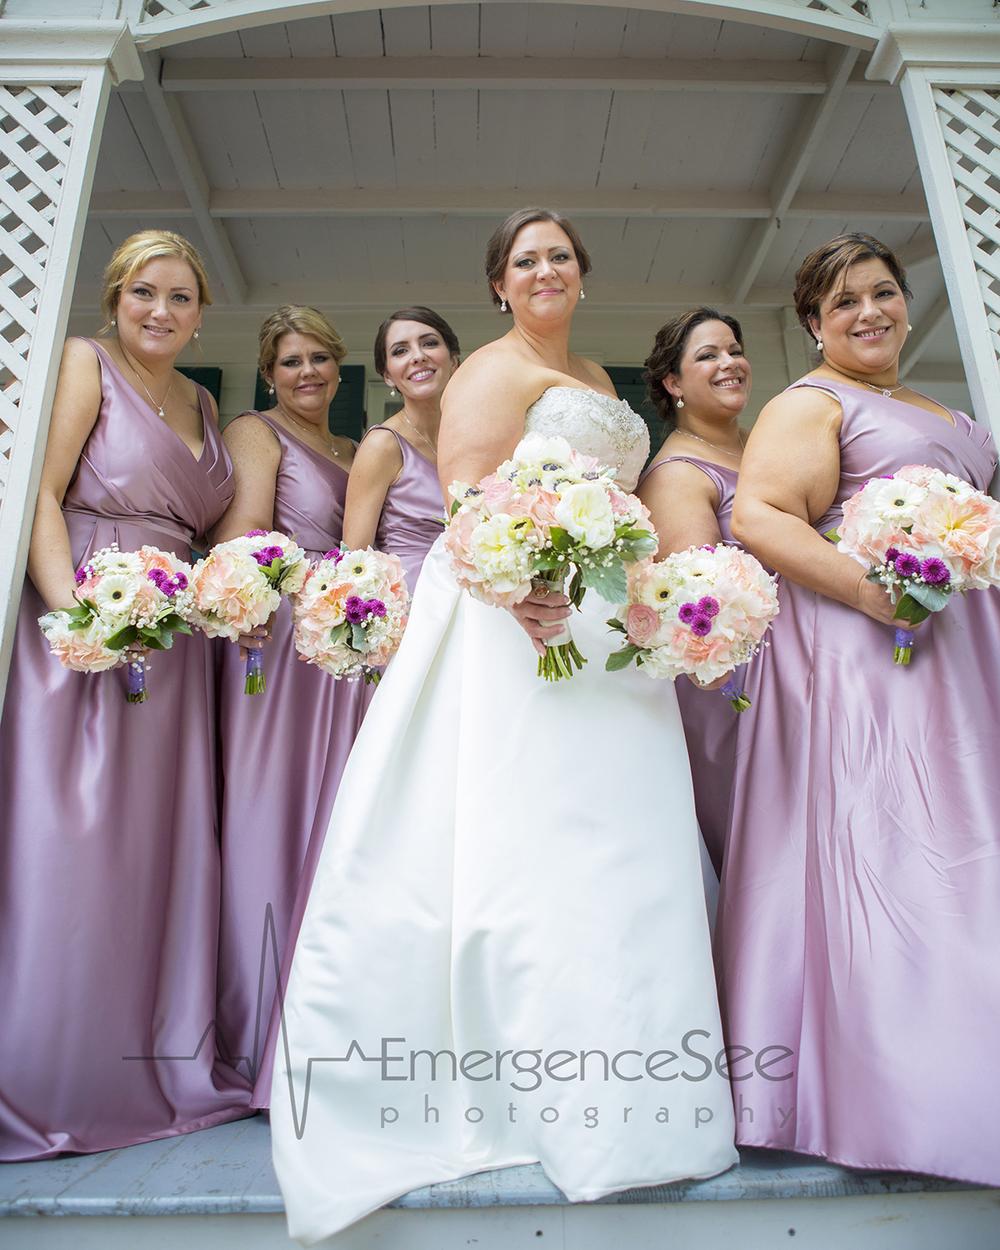 Photo courtesy of EmergenceSee Photography